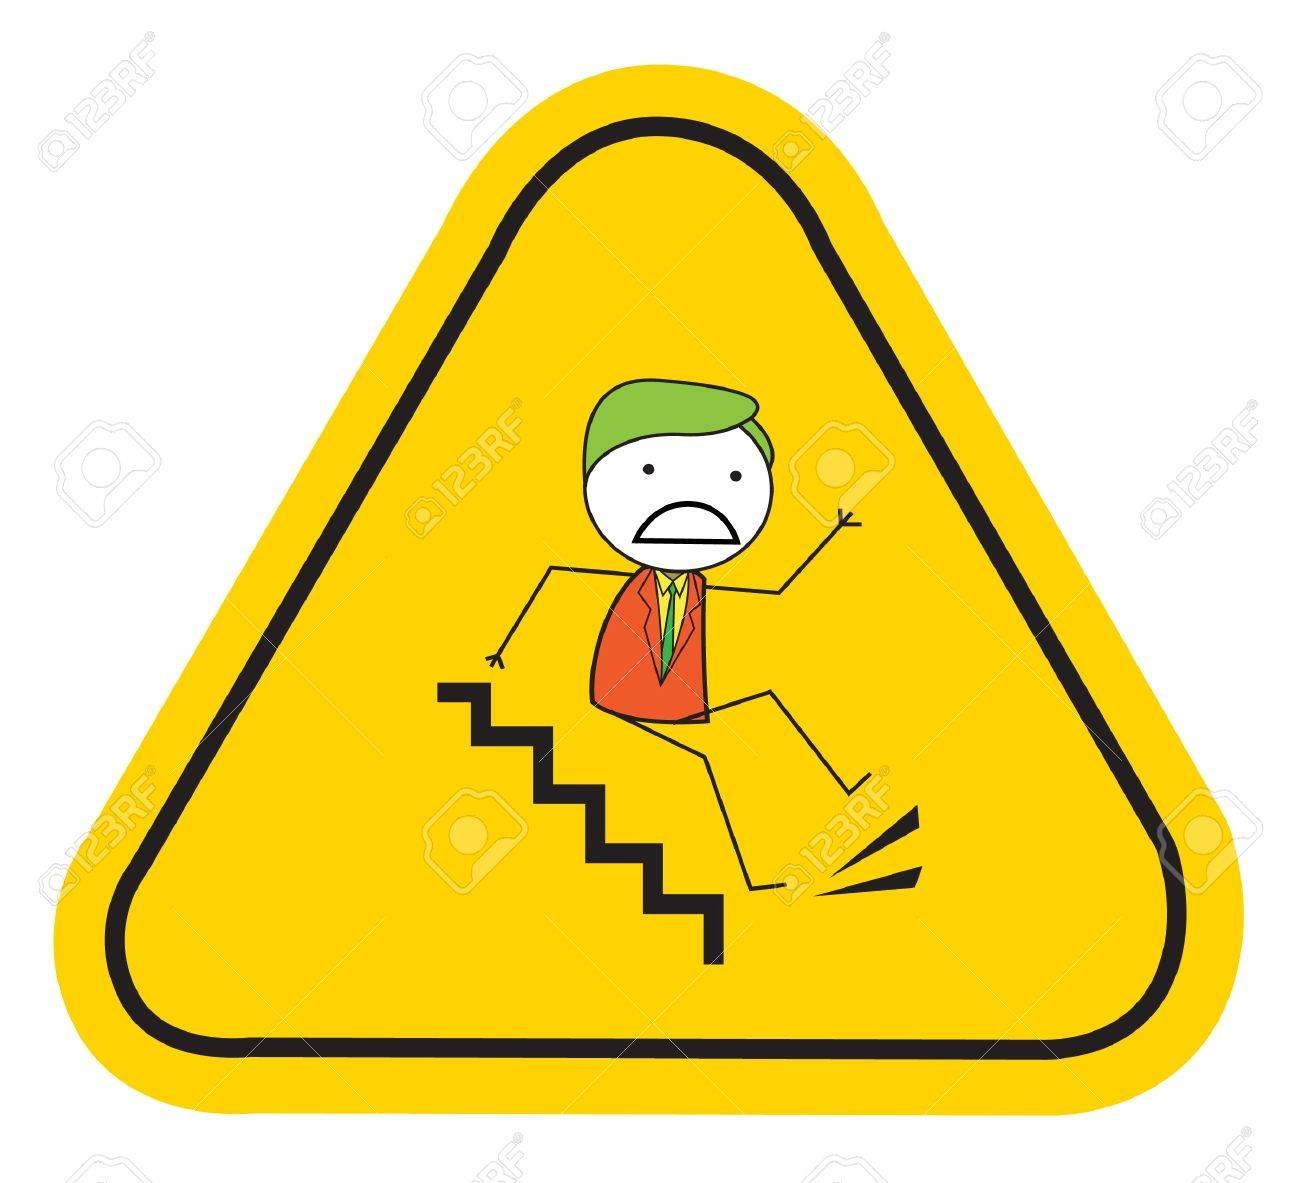 slippery slipping Stock Vector - 20861234